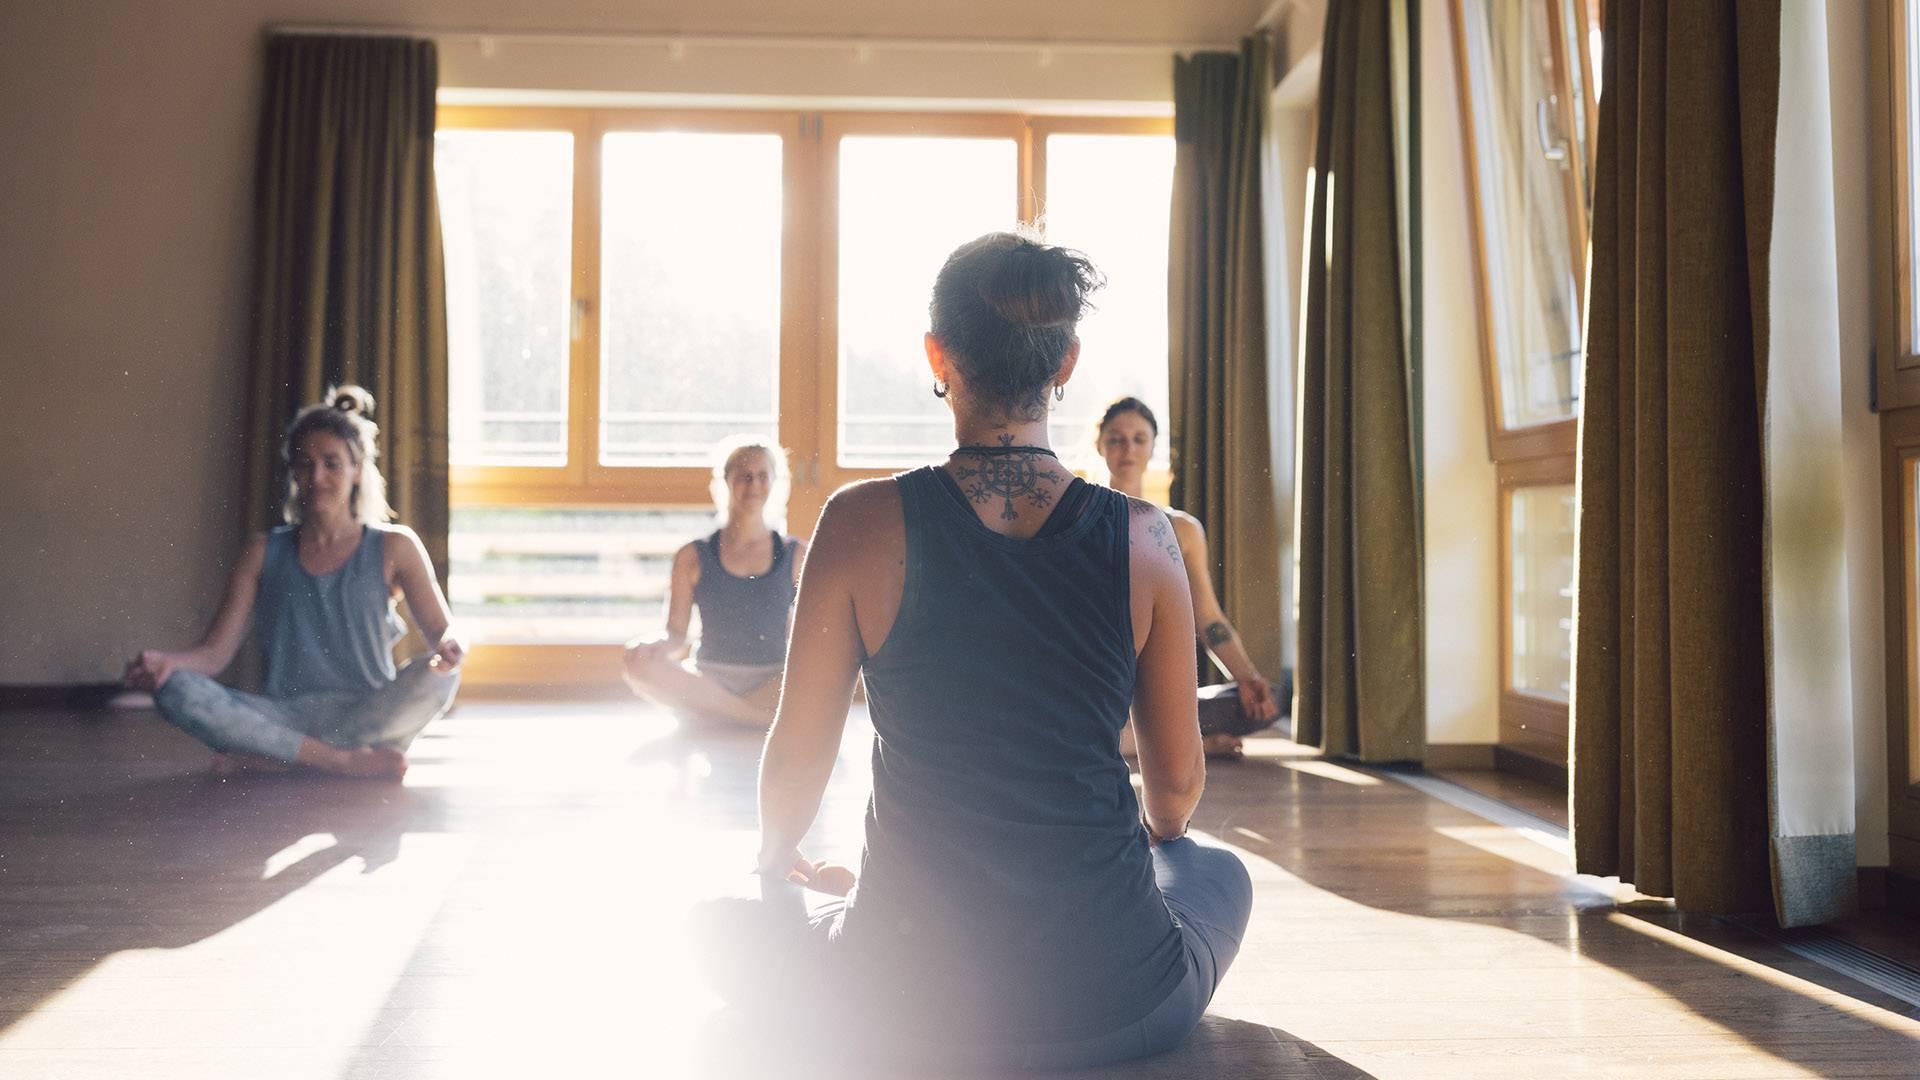 Yoga Urlaub Im Otztal In Osterreich Yoga Hotel Ritzlerhof